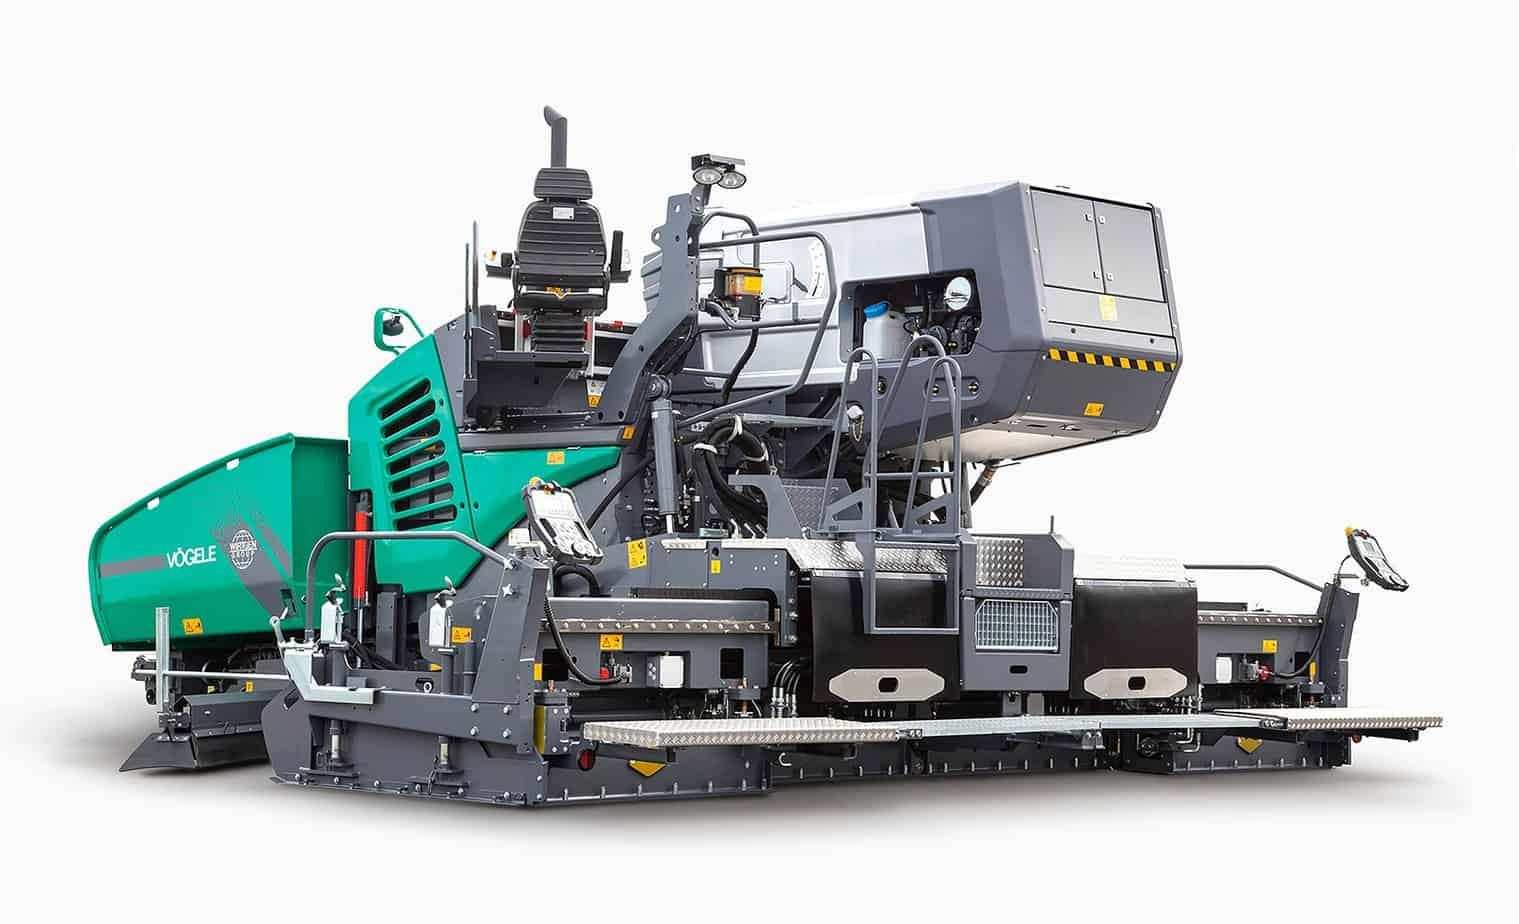 Sia come classica finitrice stradale del segmento mediosuperiore che come macchina per interventi speciali grazie alla costruzione modulare, la Super 1800-3i SprayJet può essere impiegata in modo estremamente flessibile